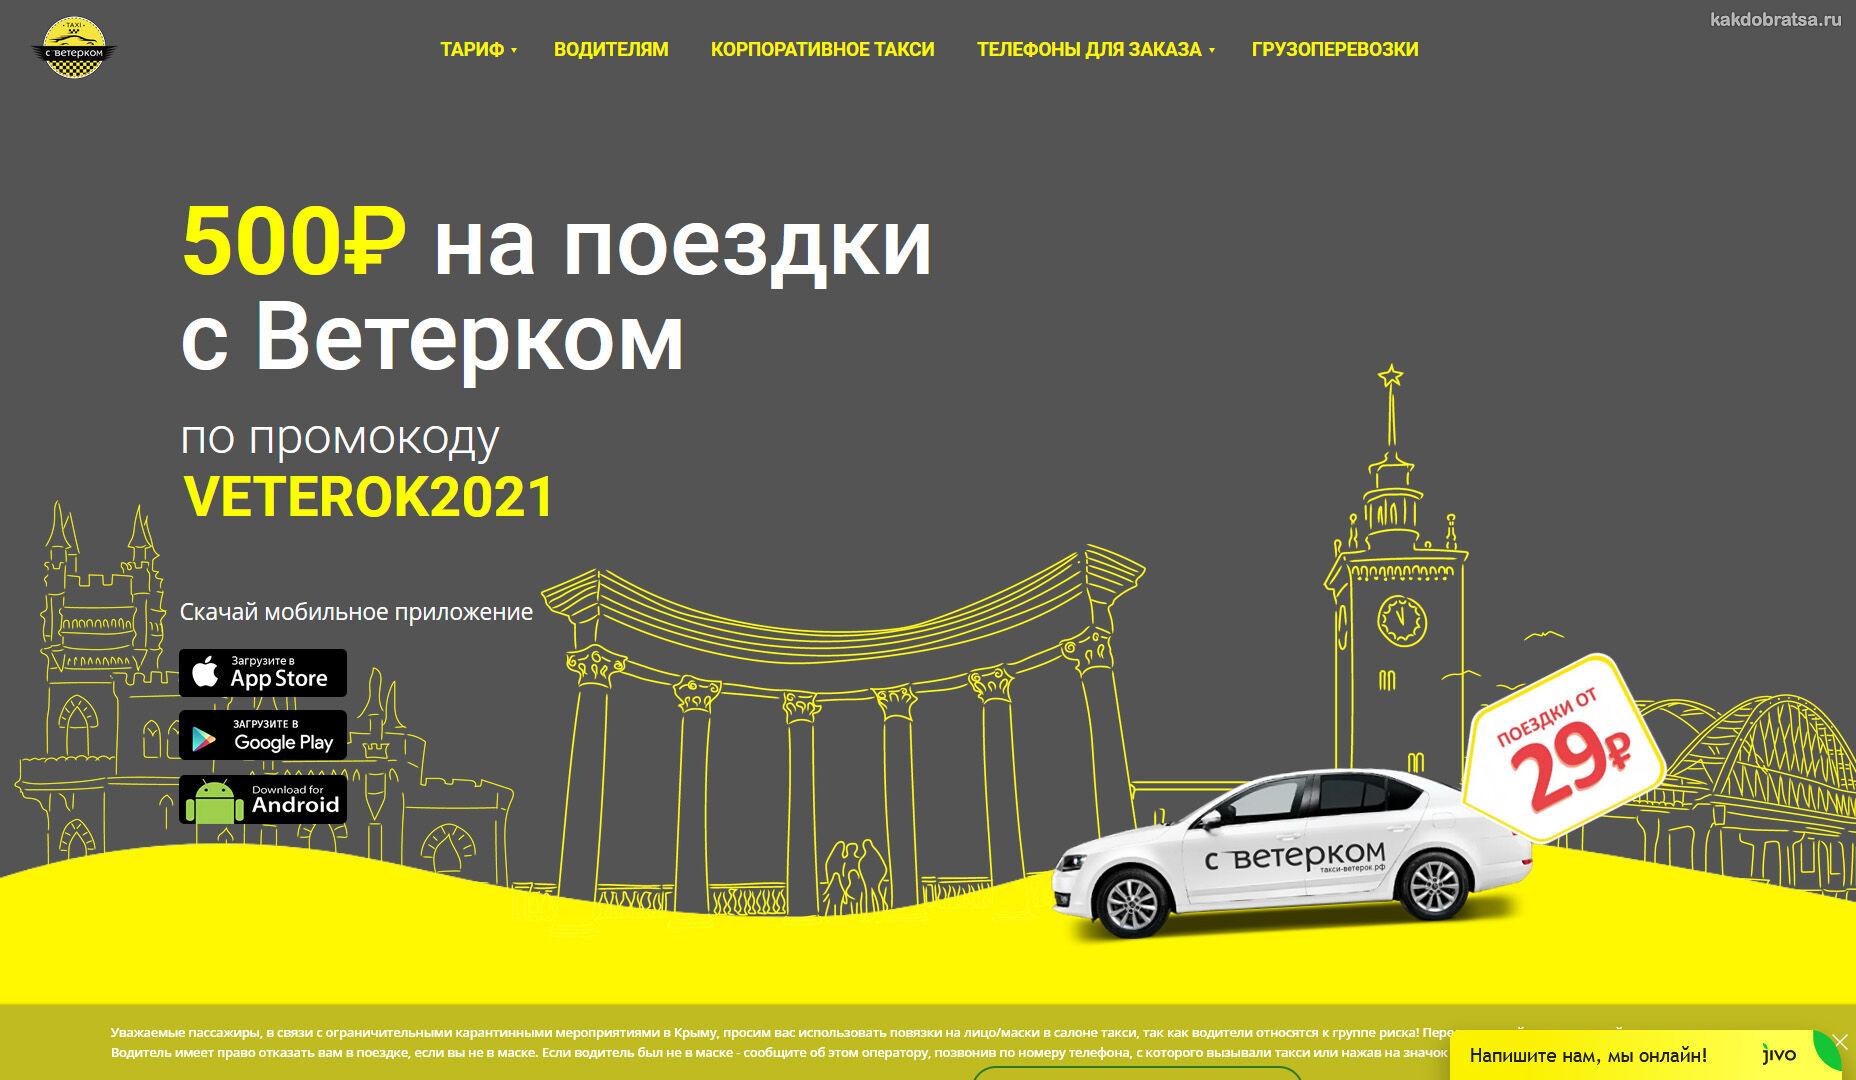 Крым стоимость проезда в такси